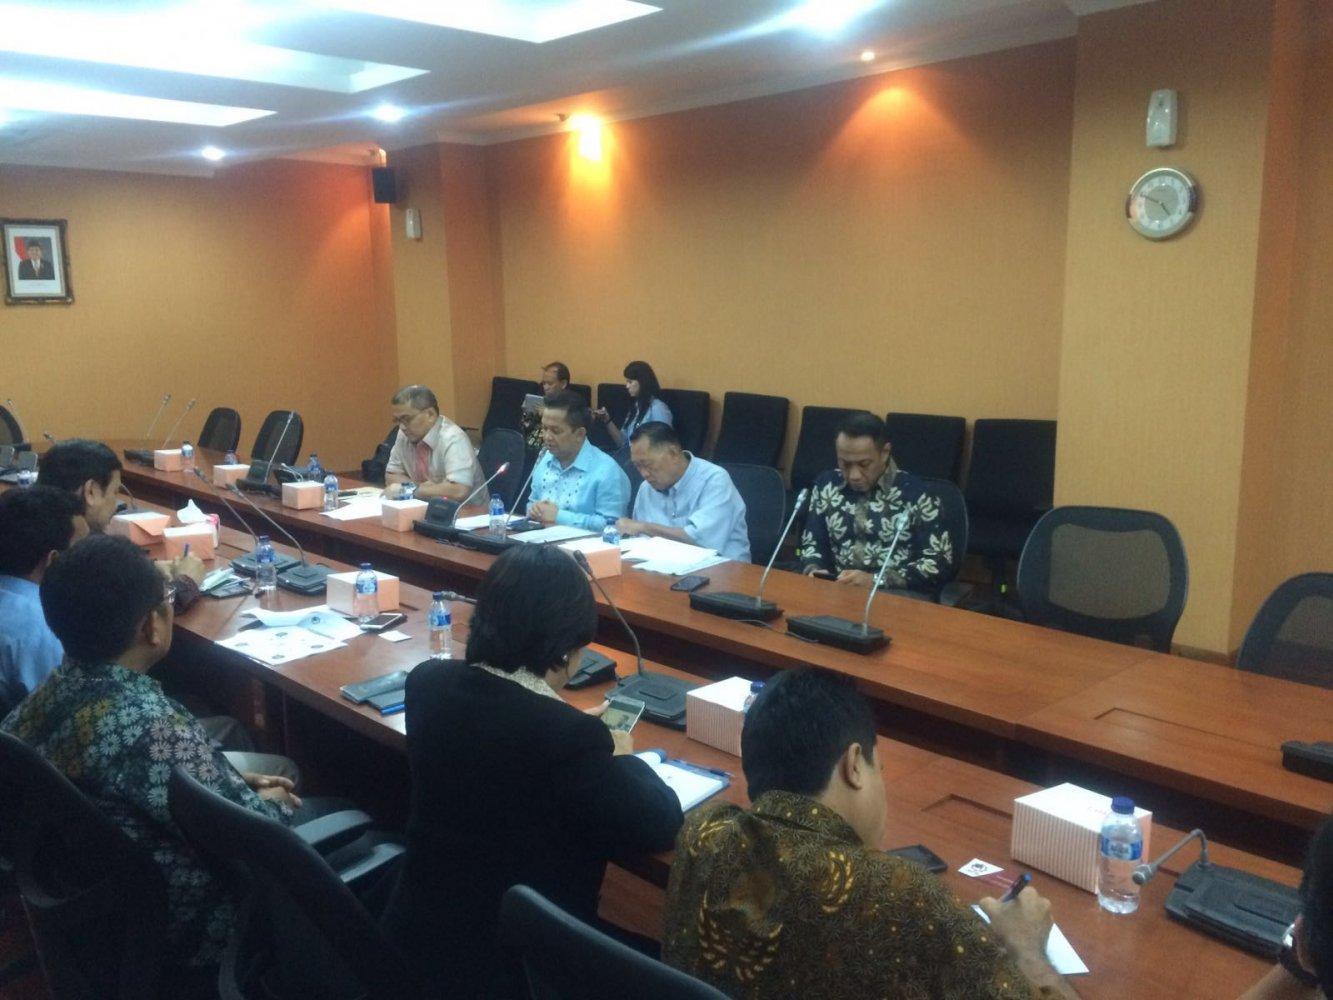 Rapat Dengan Komite Ekonomi Dan Industri Nasional Kein Gallery Ap3i